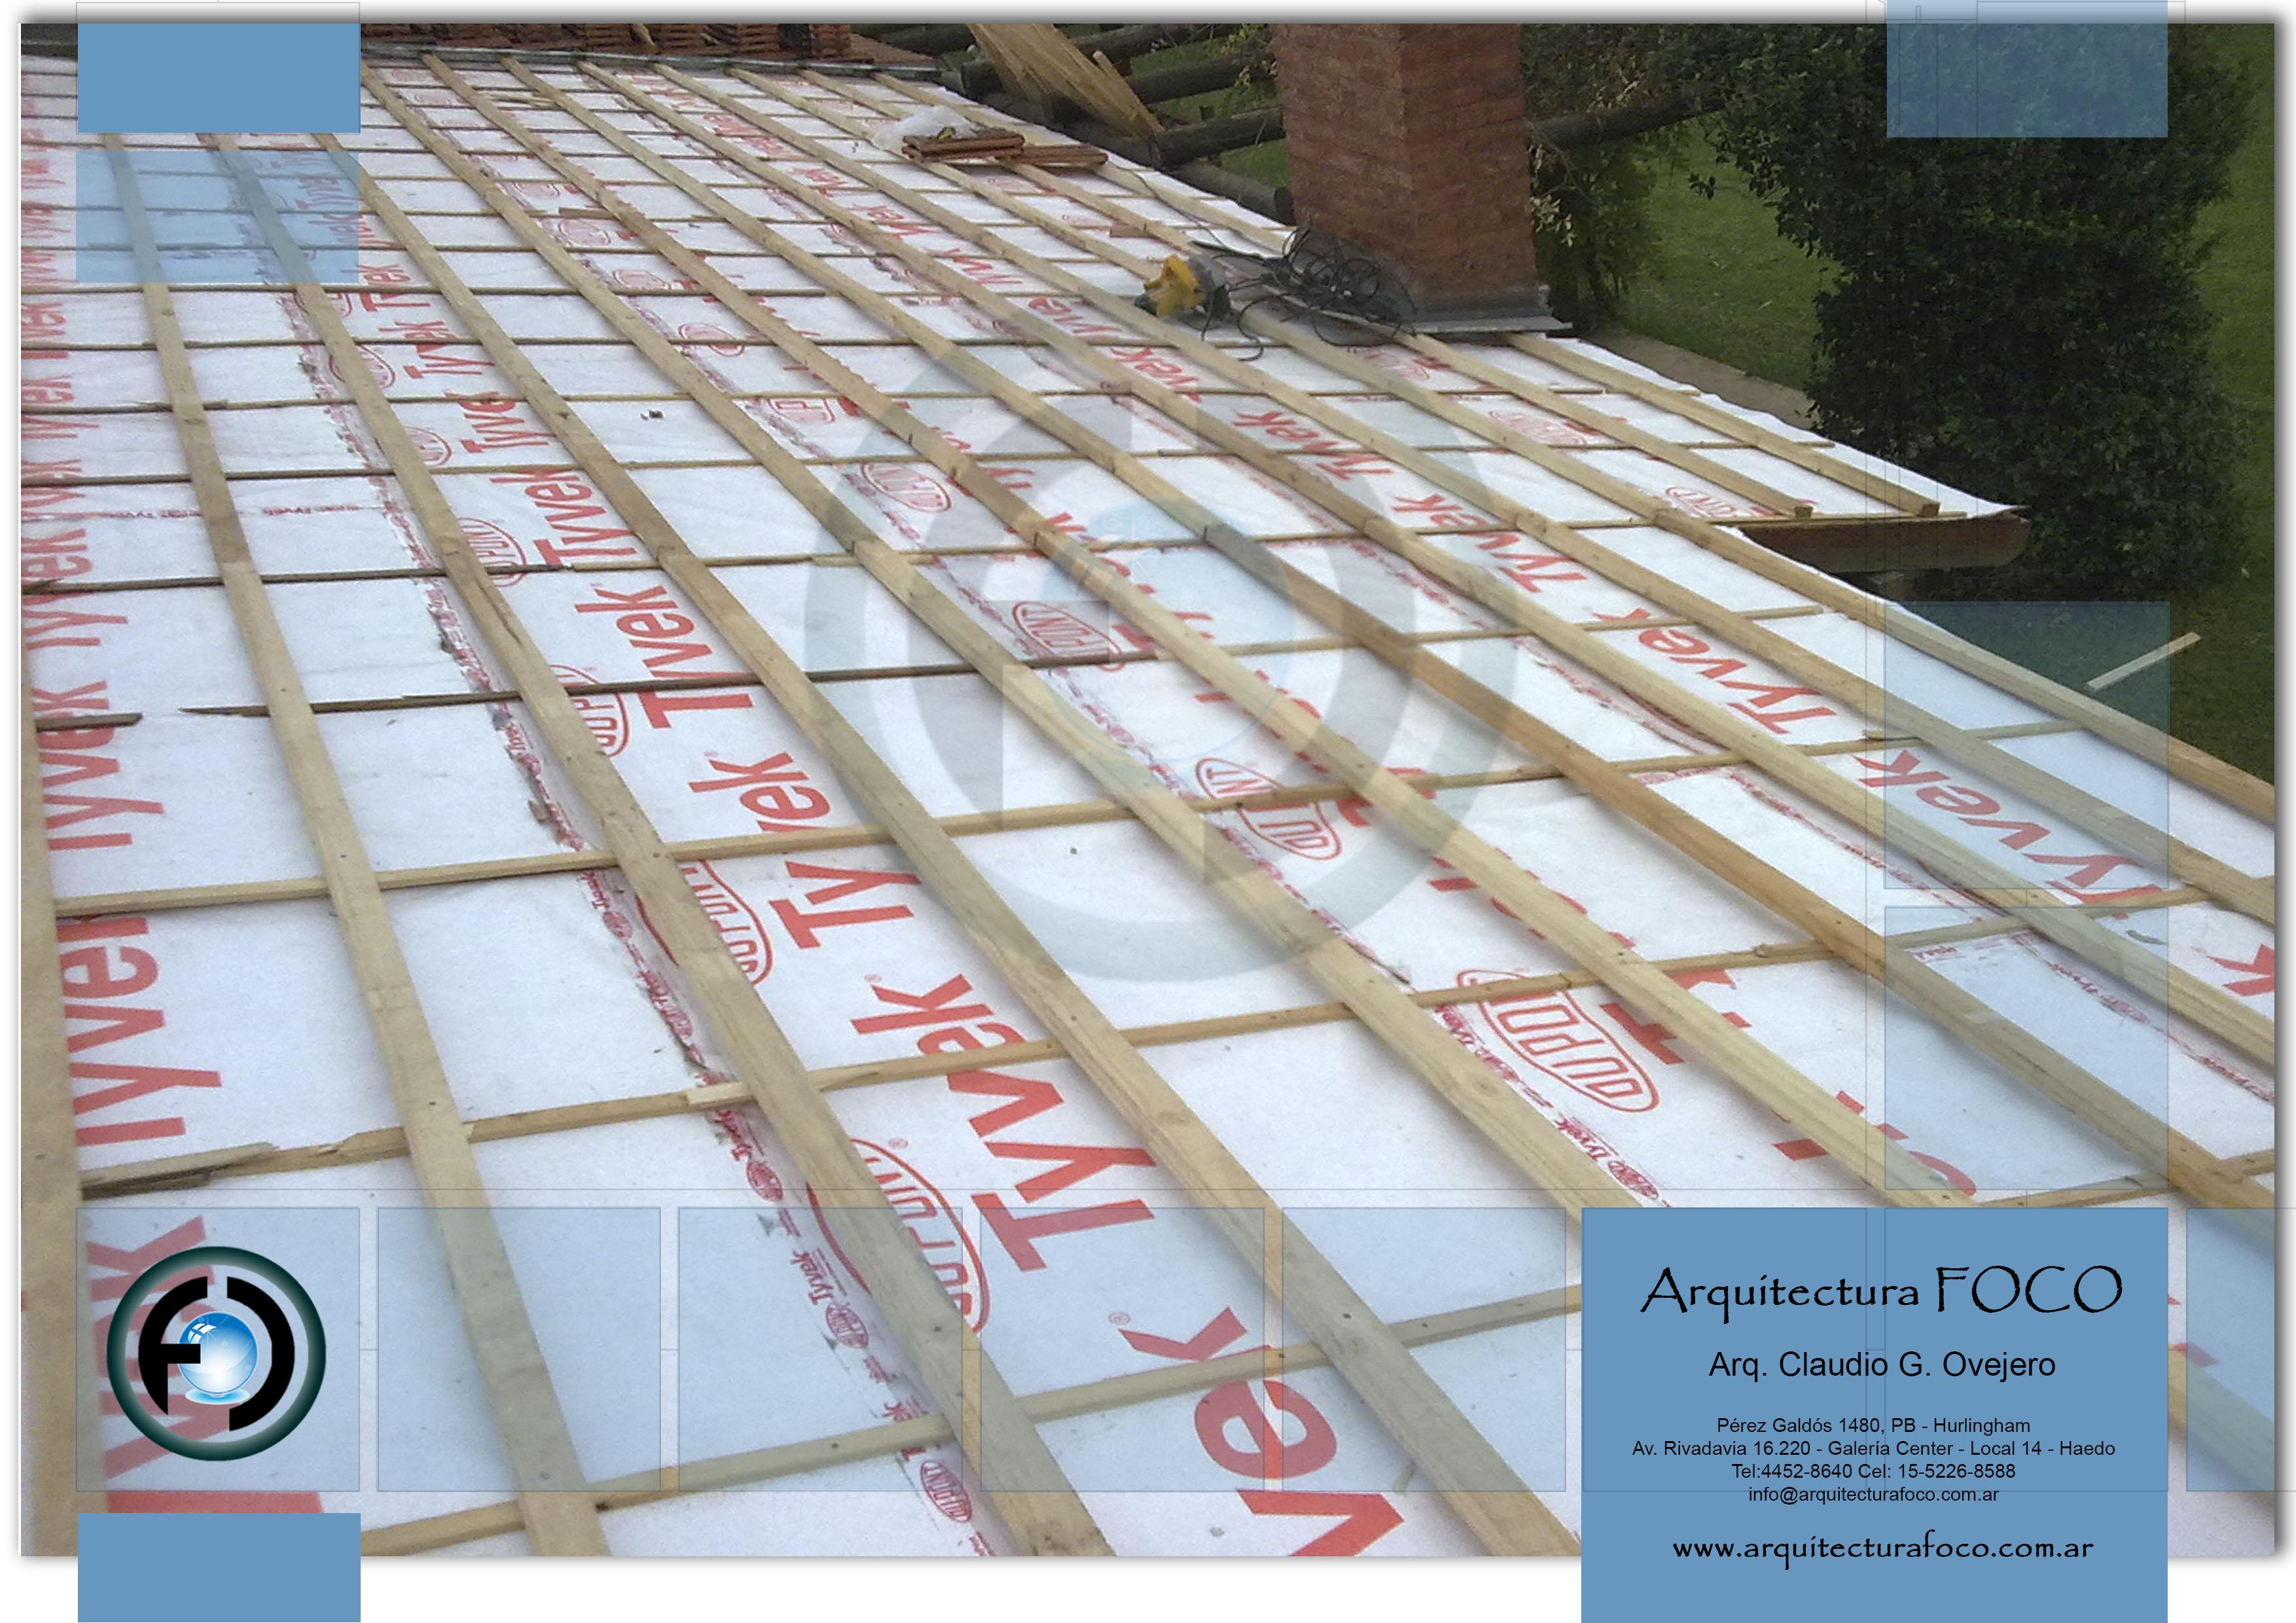 Muñiz, Buenos Aires. Reemplazo de ruberoy por aislante hidrofugo Tivek